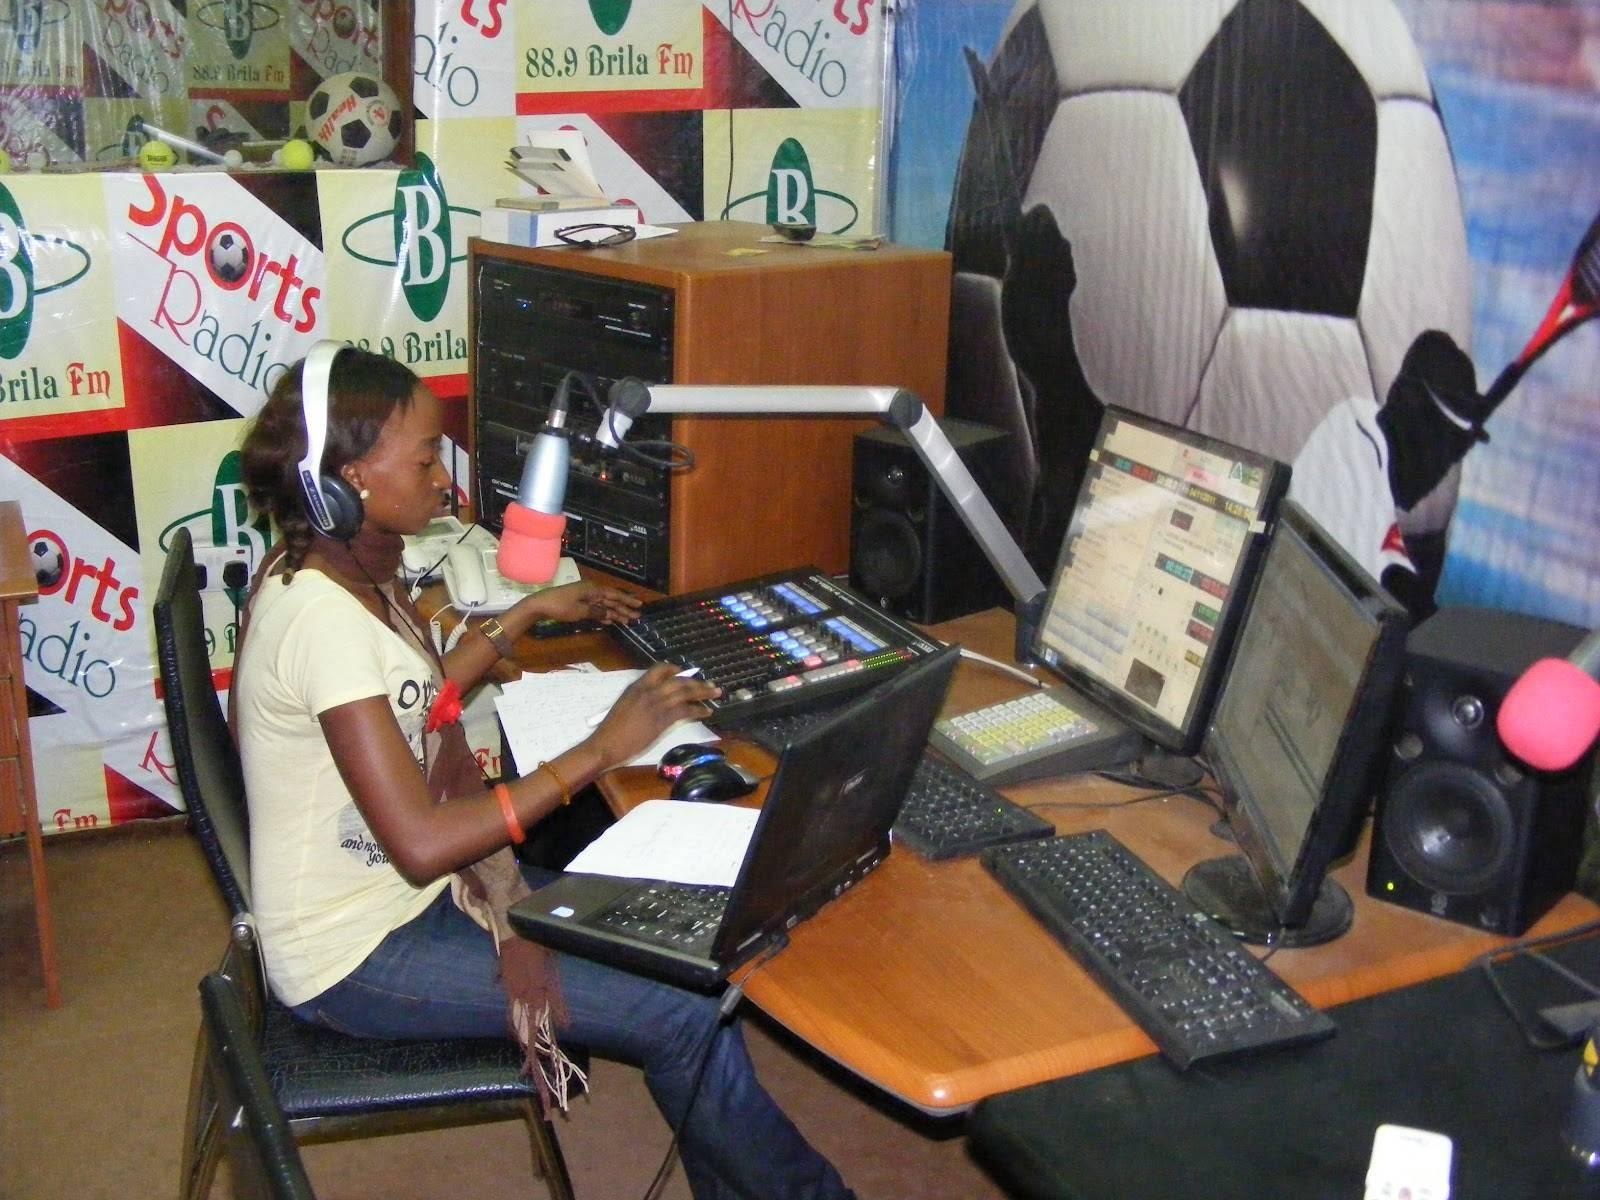 Brila Fm, Lagos